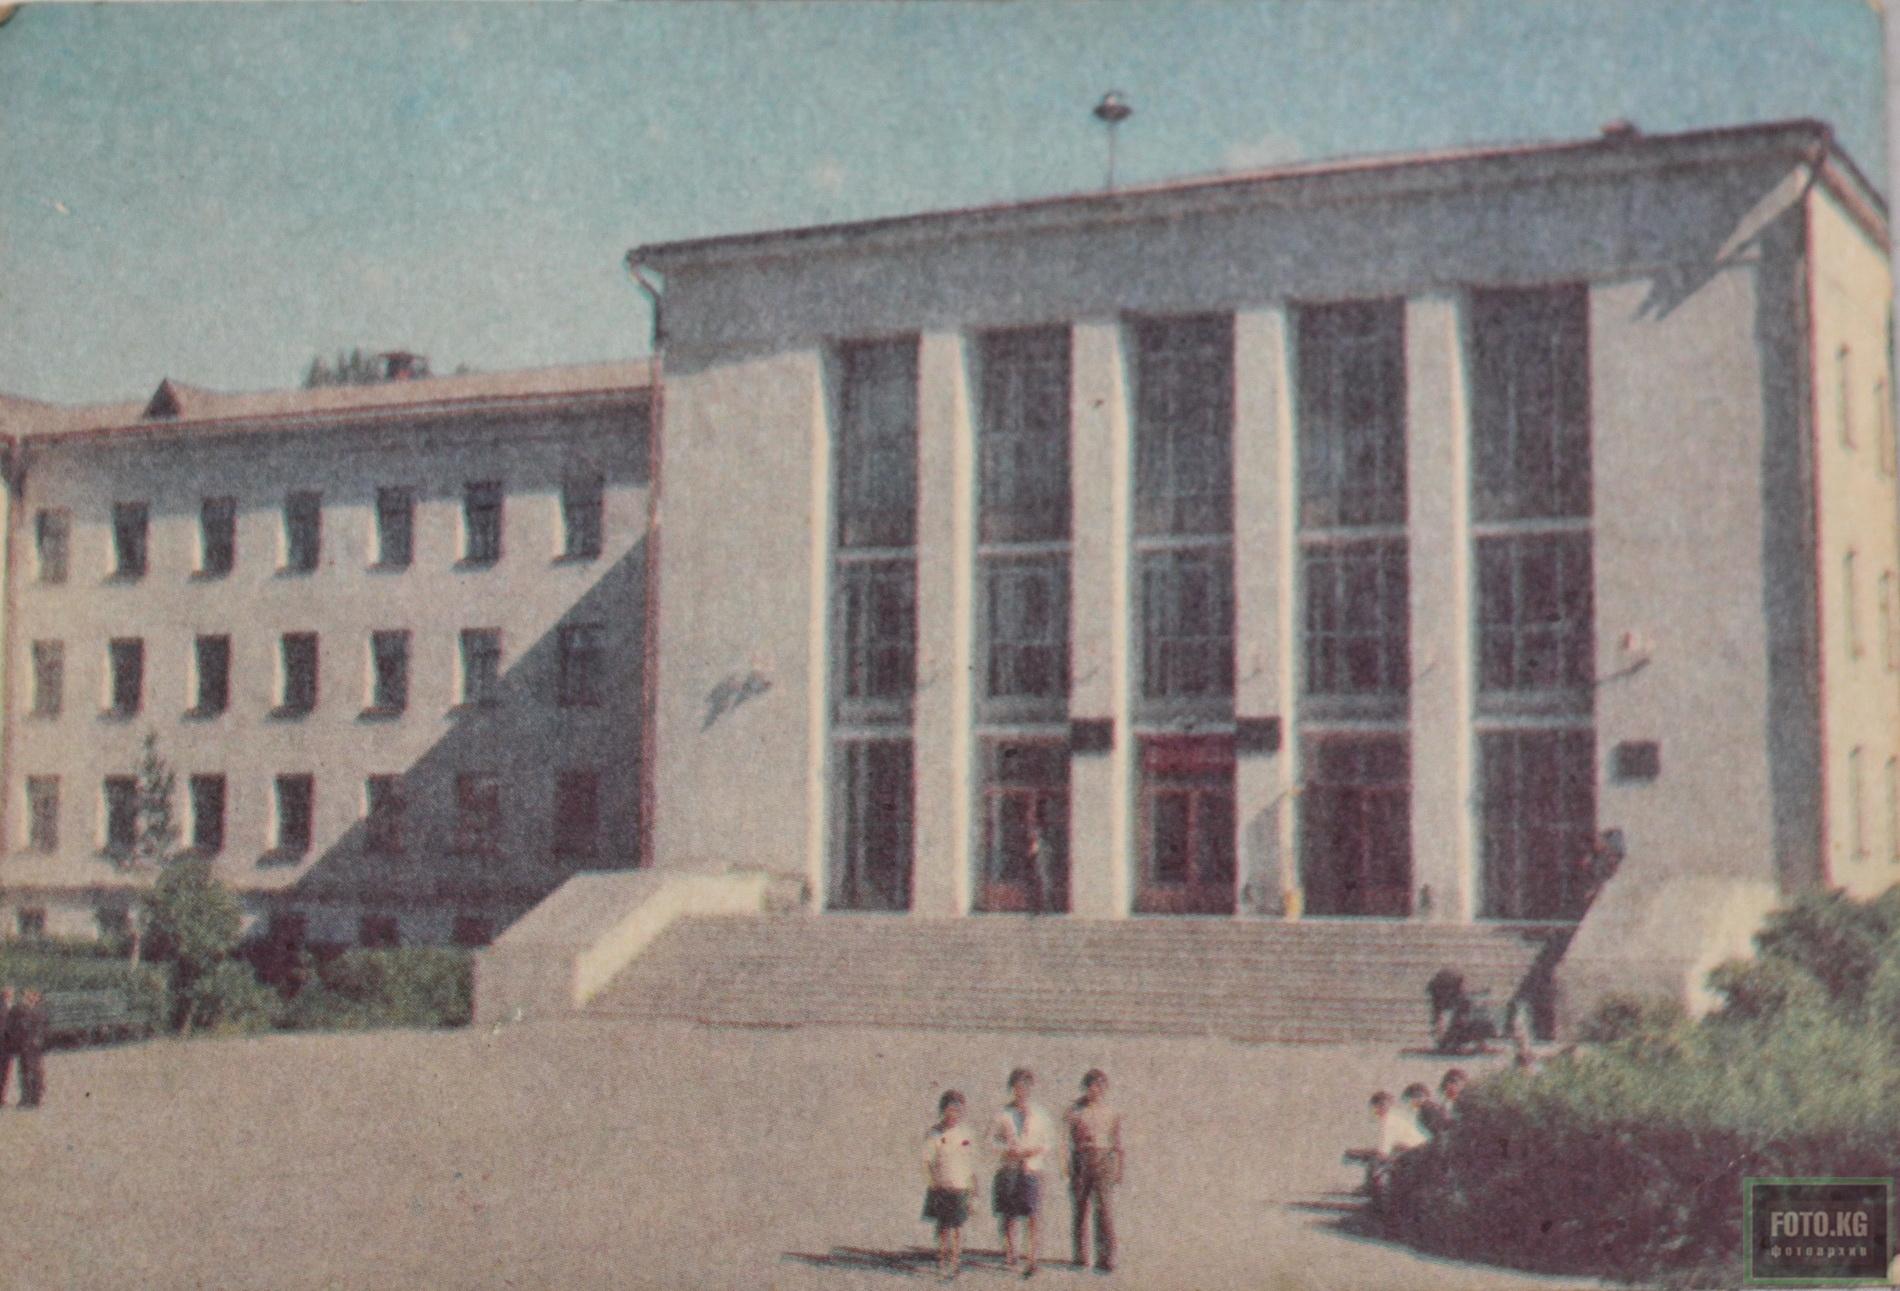 Пржевальск. Государственный педагогический институт. Фото: 1969 год